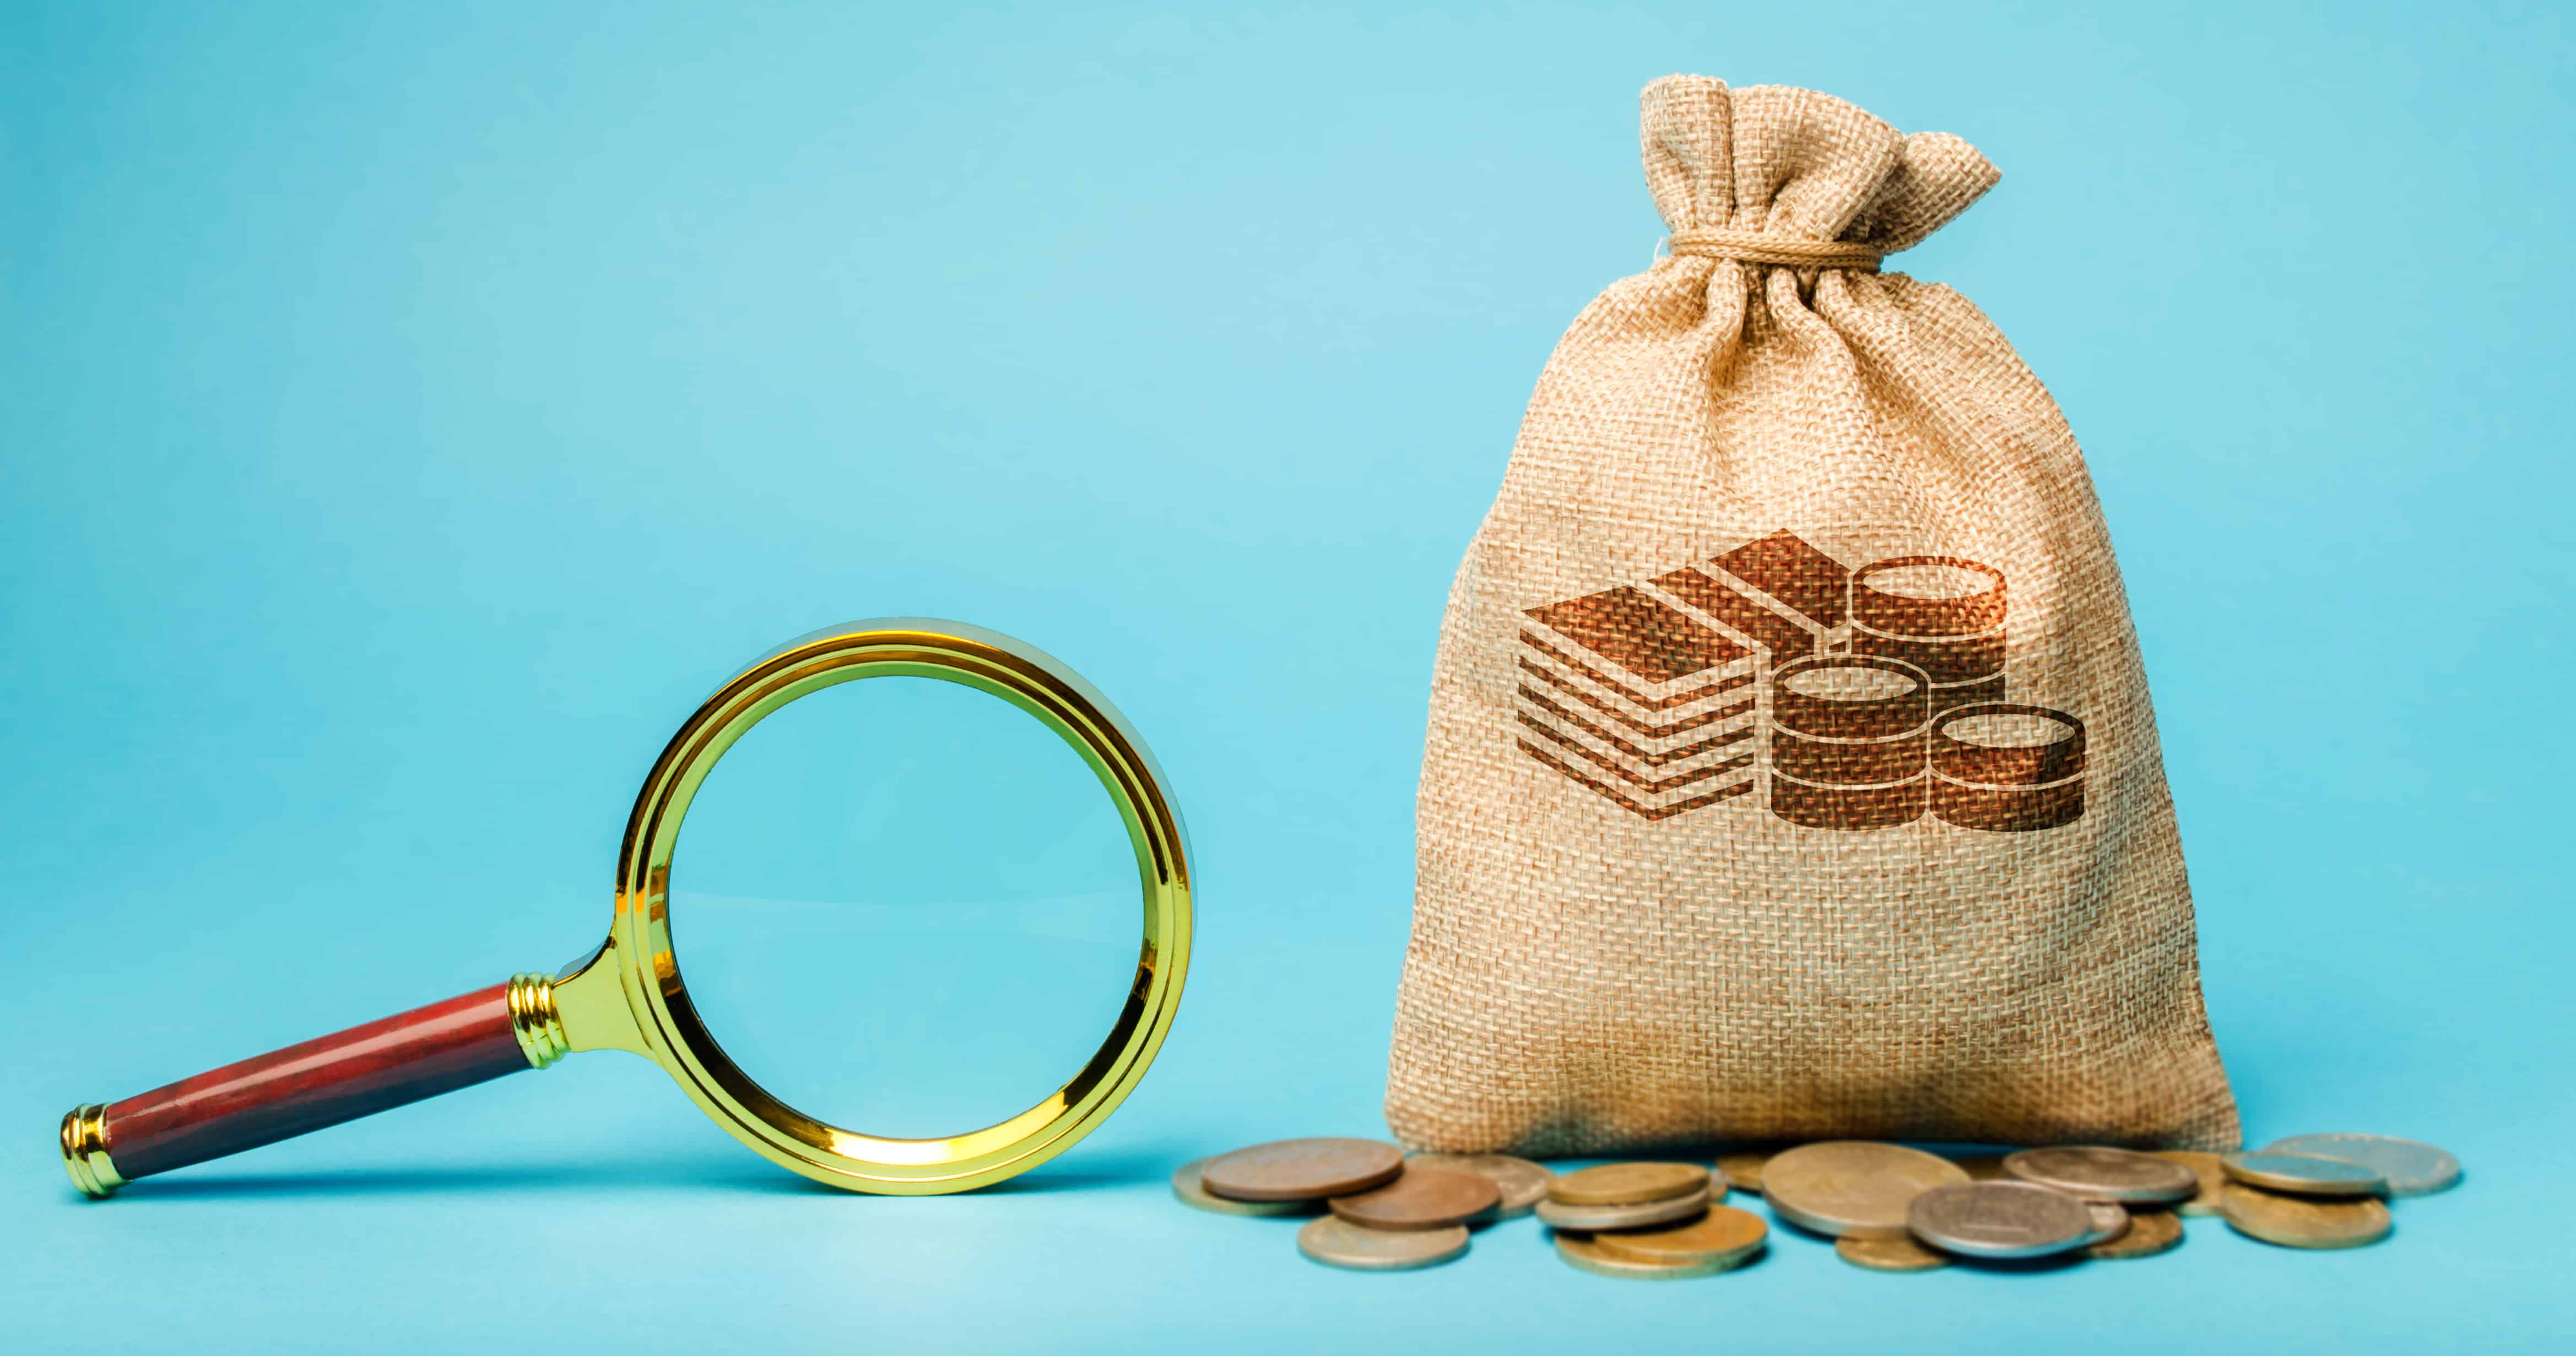 זקוקים לאקסטרה כסף לעסק? כך תבצעו איתור כספים אבודים במהירות